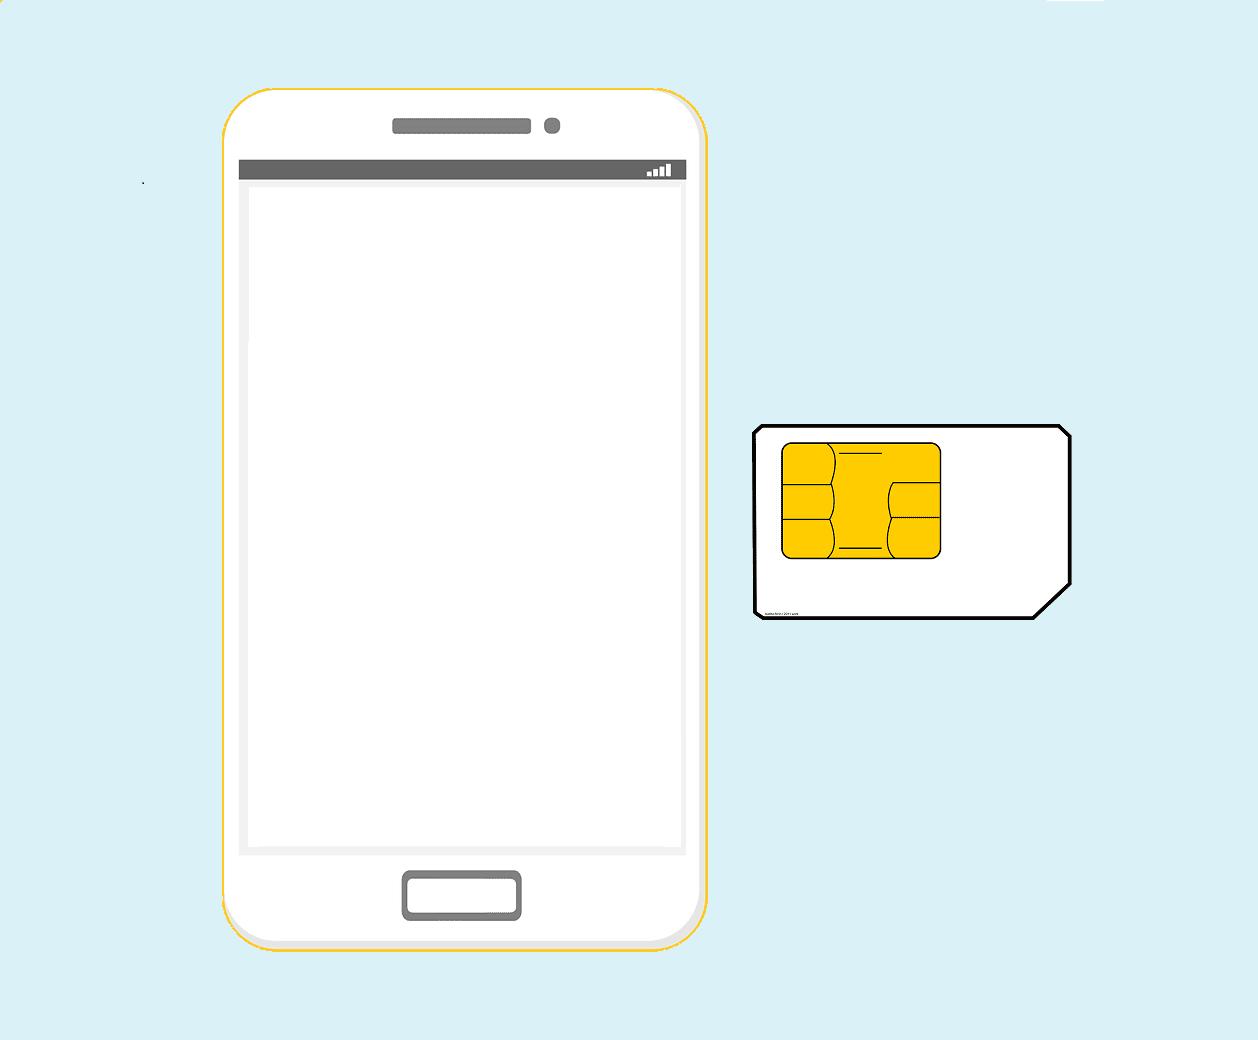 Pernahkah Anda memasukkan kartu SIM ke HP kemudian muncul pesan  9 Tutorial Mengatasi Kartu SIM Tidak Ada Layanan (HP Android)